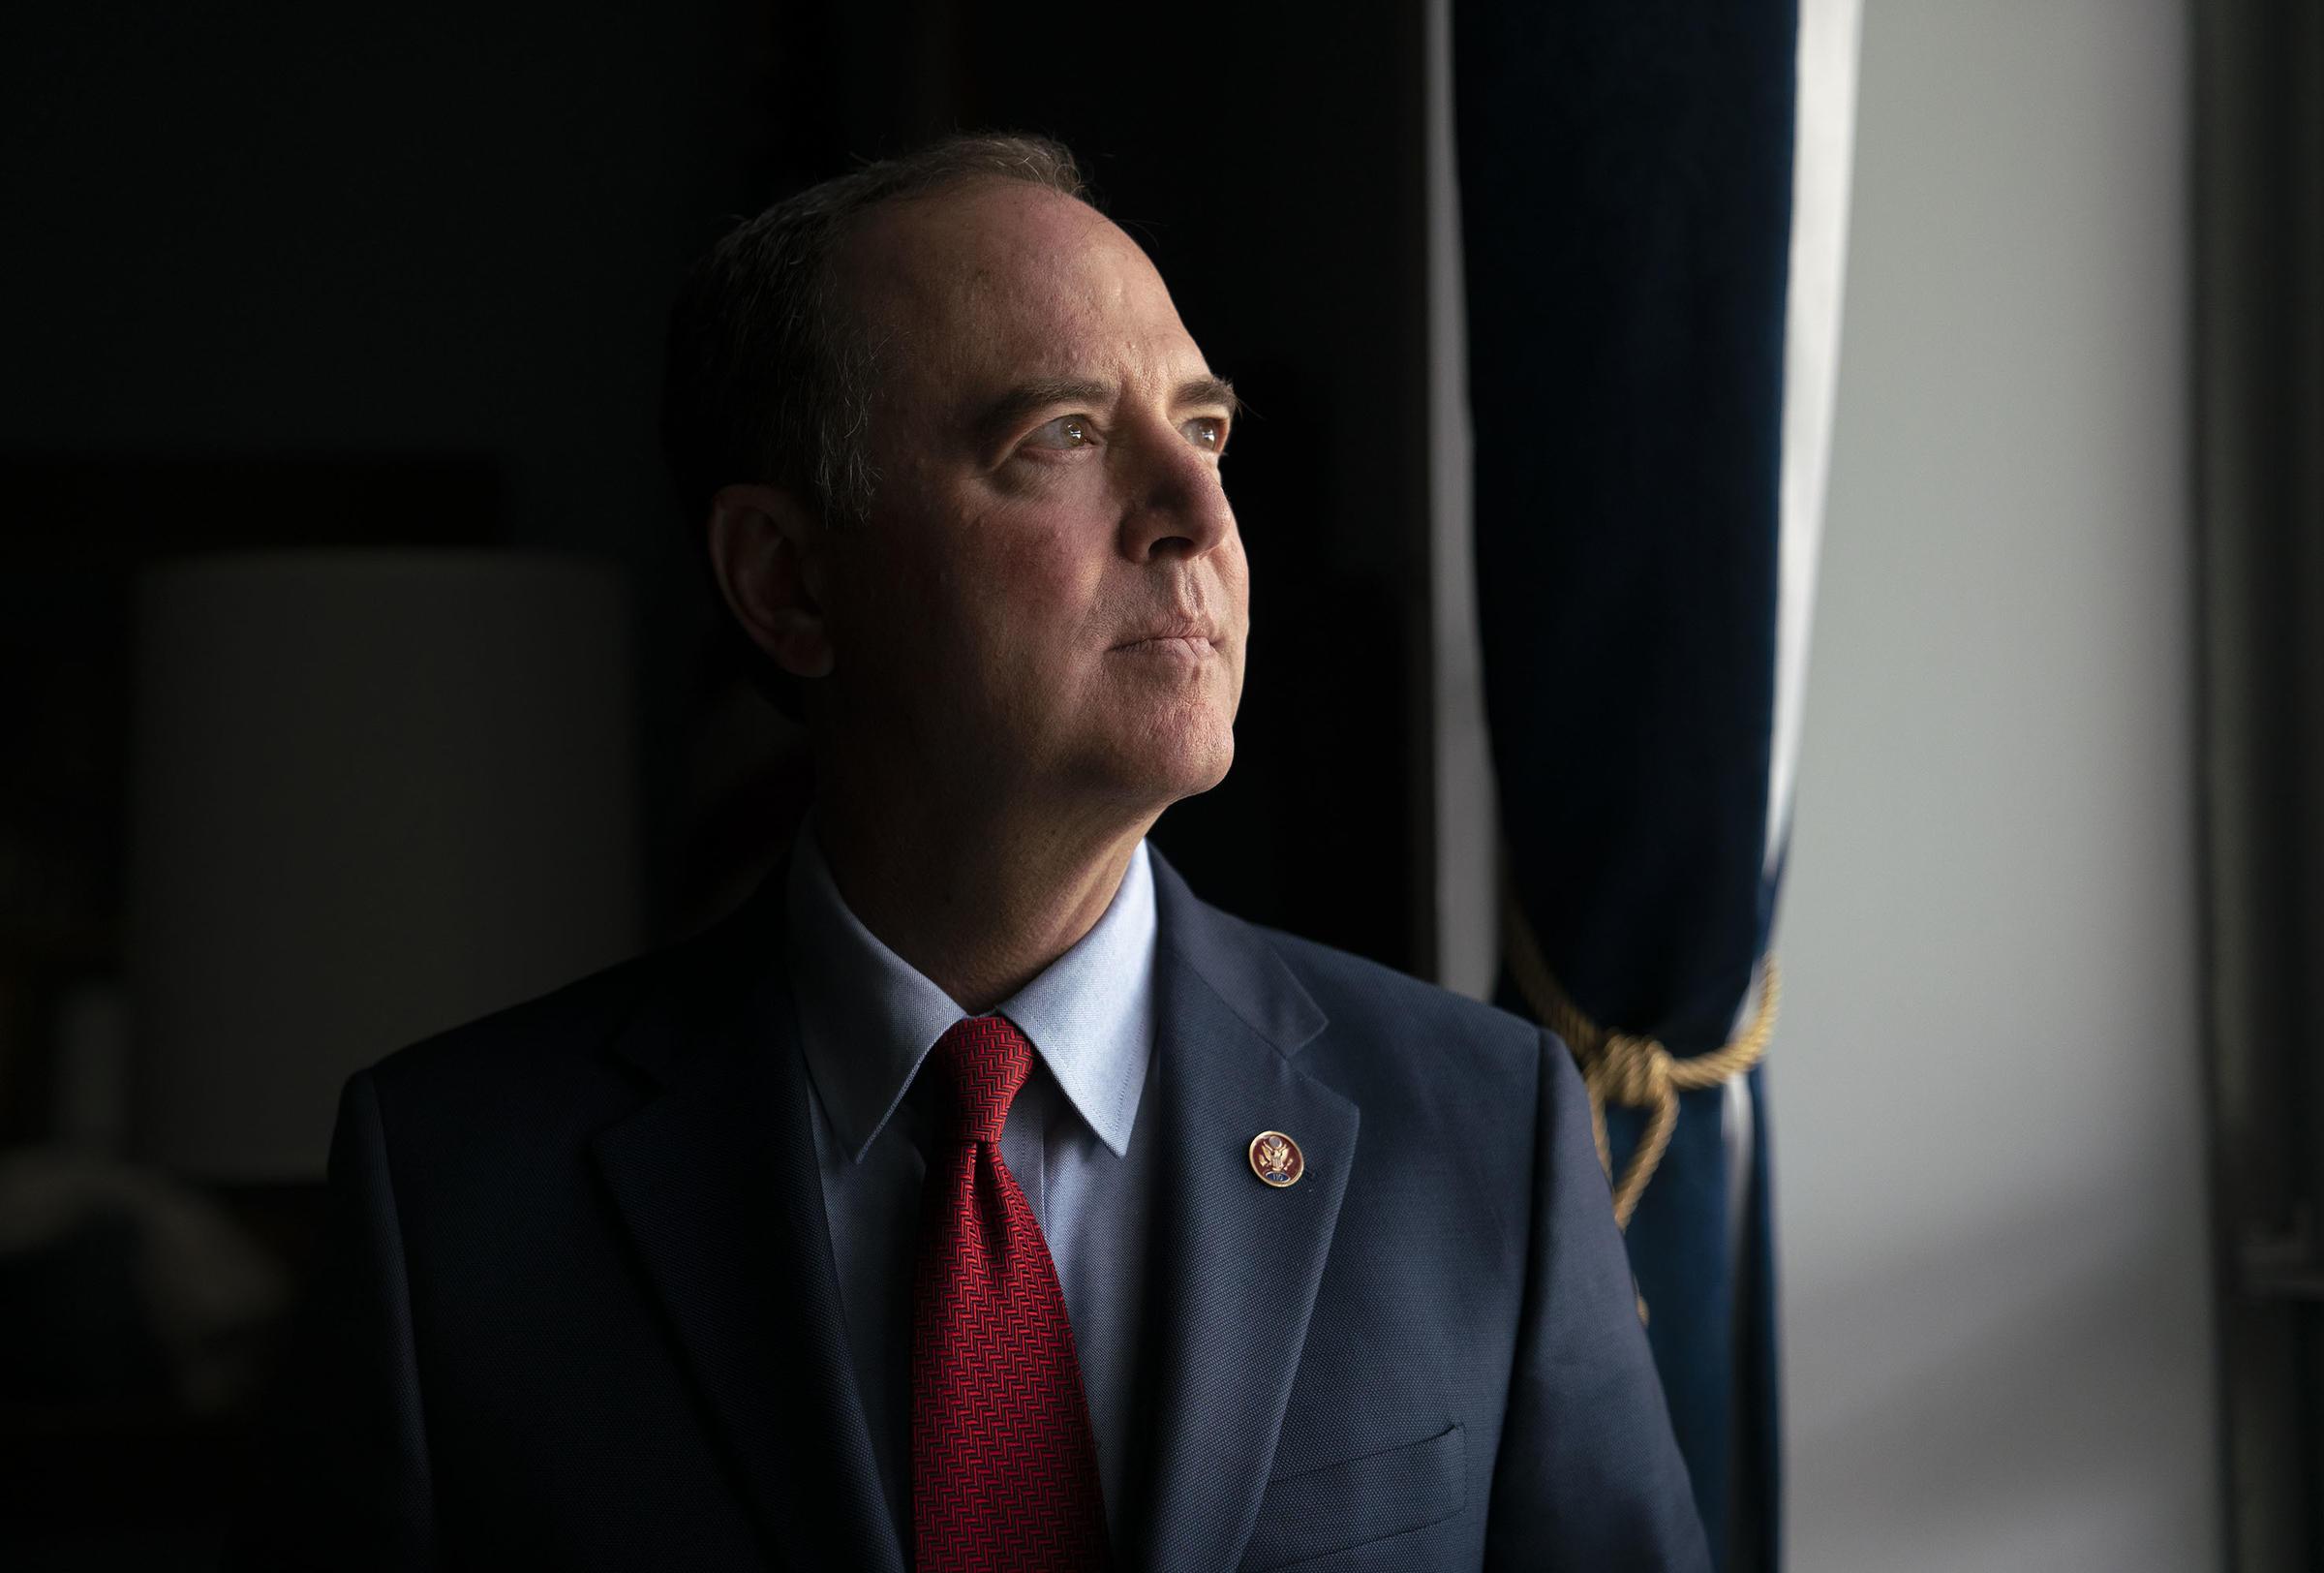 Rep. Adam Schiff: Trump's Potentially Impeachable Offenses Include 'Bribery'